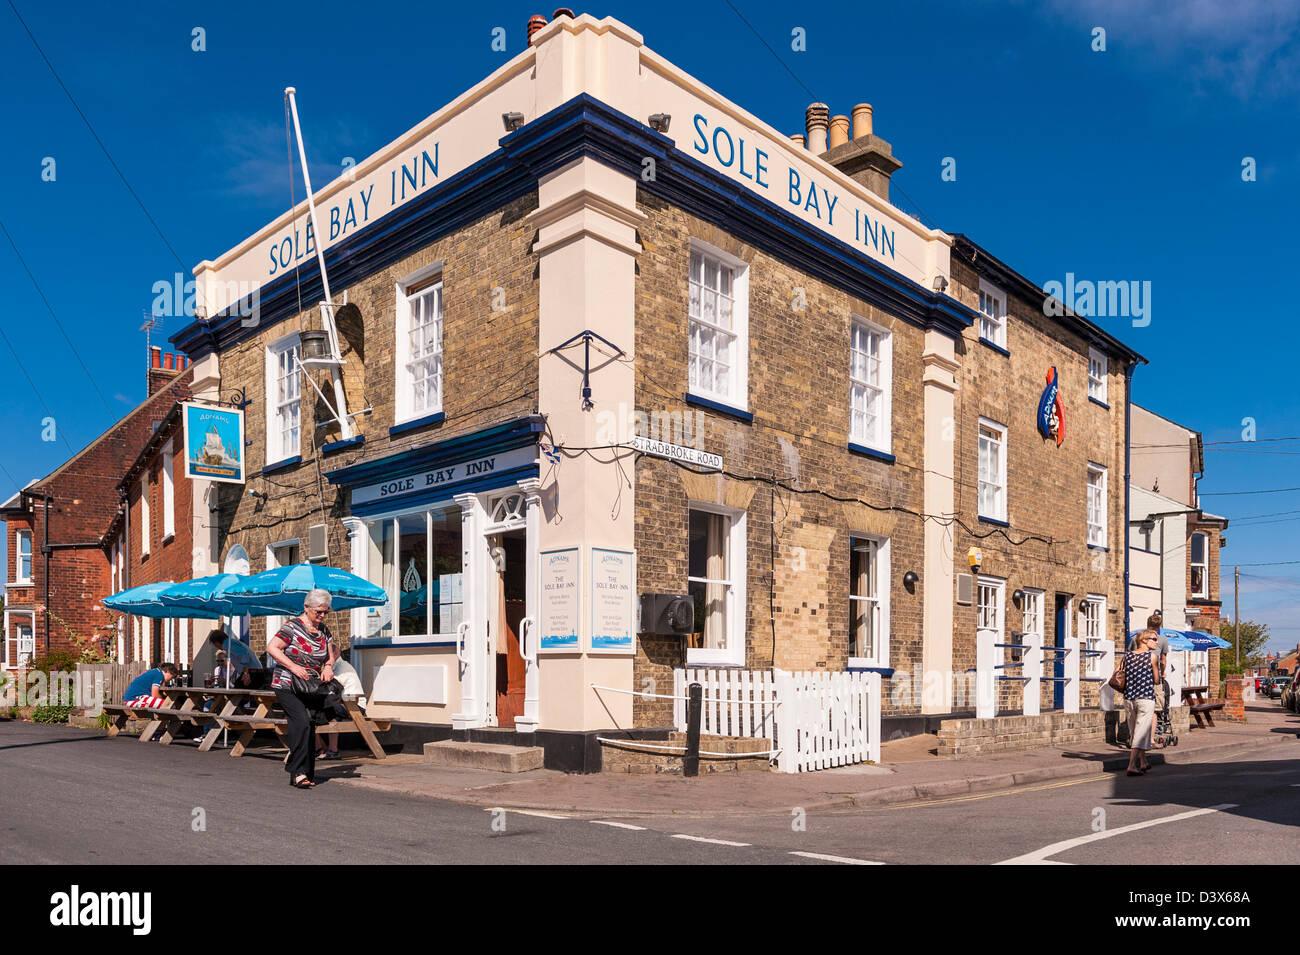 La suola Bay Inn pub a Southwold , Suffolk , Inghilterra , Inghilterra , Regno Unito Immagini Stock